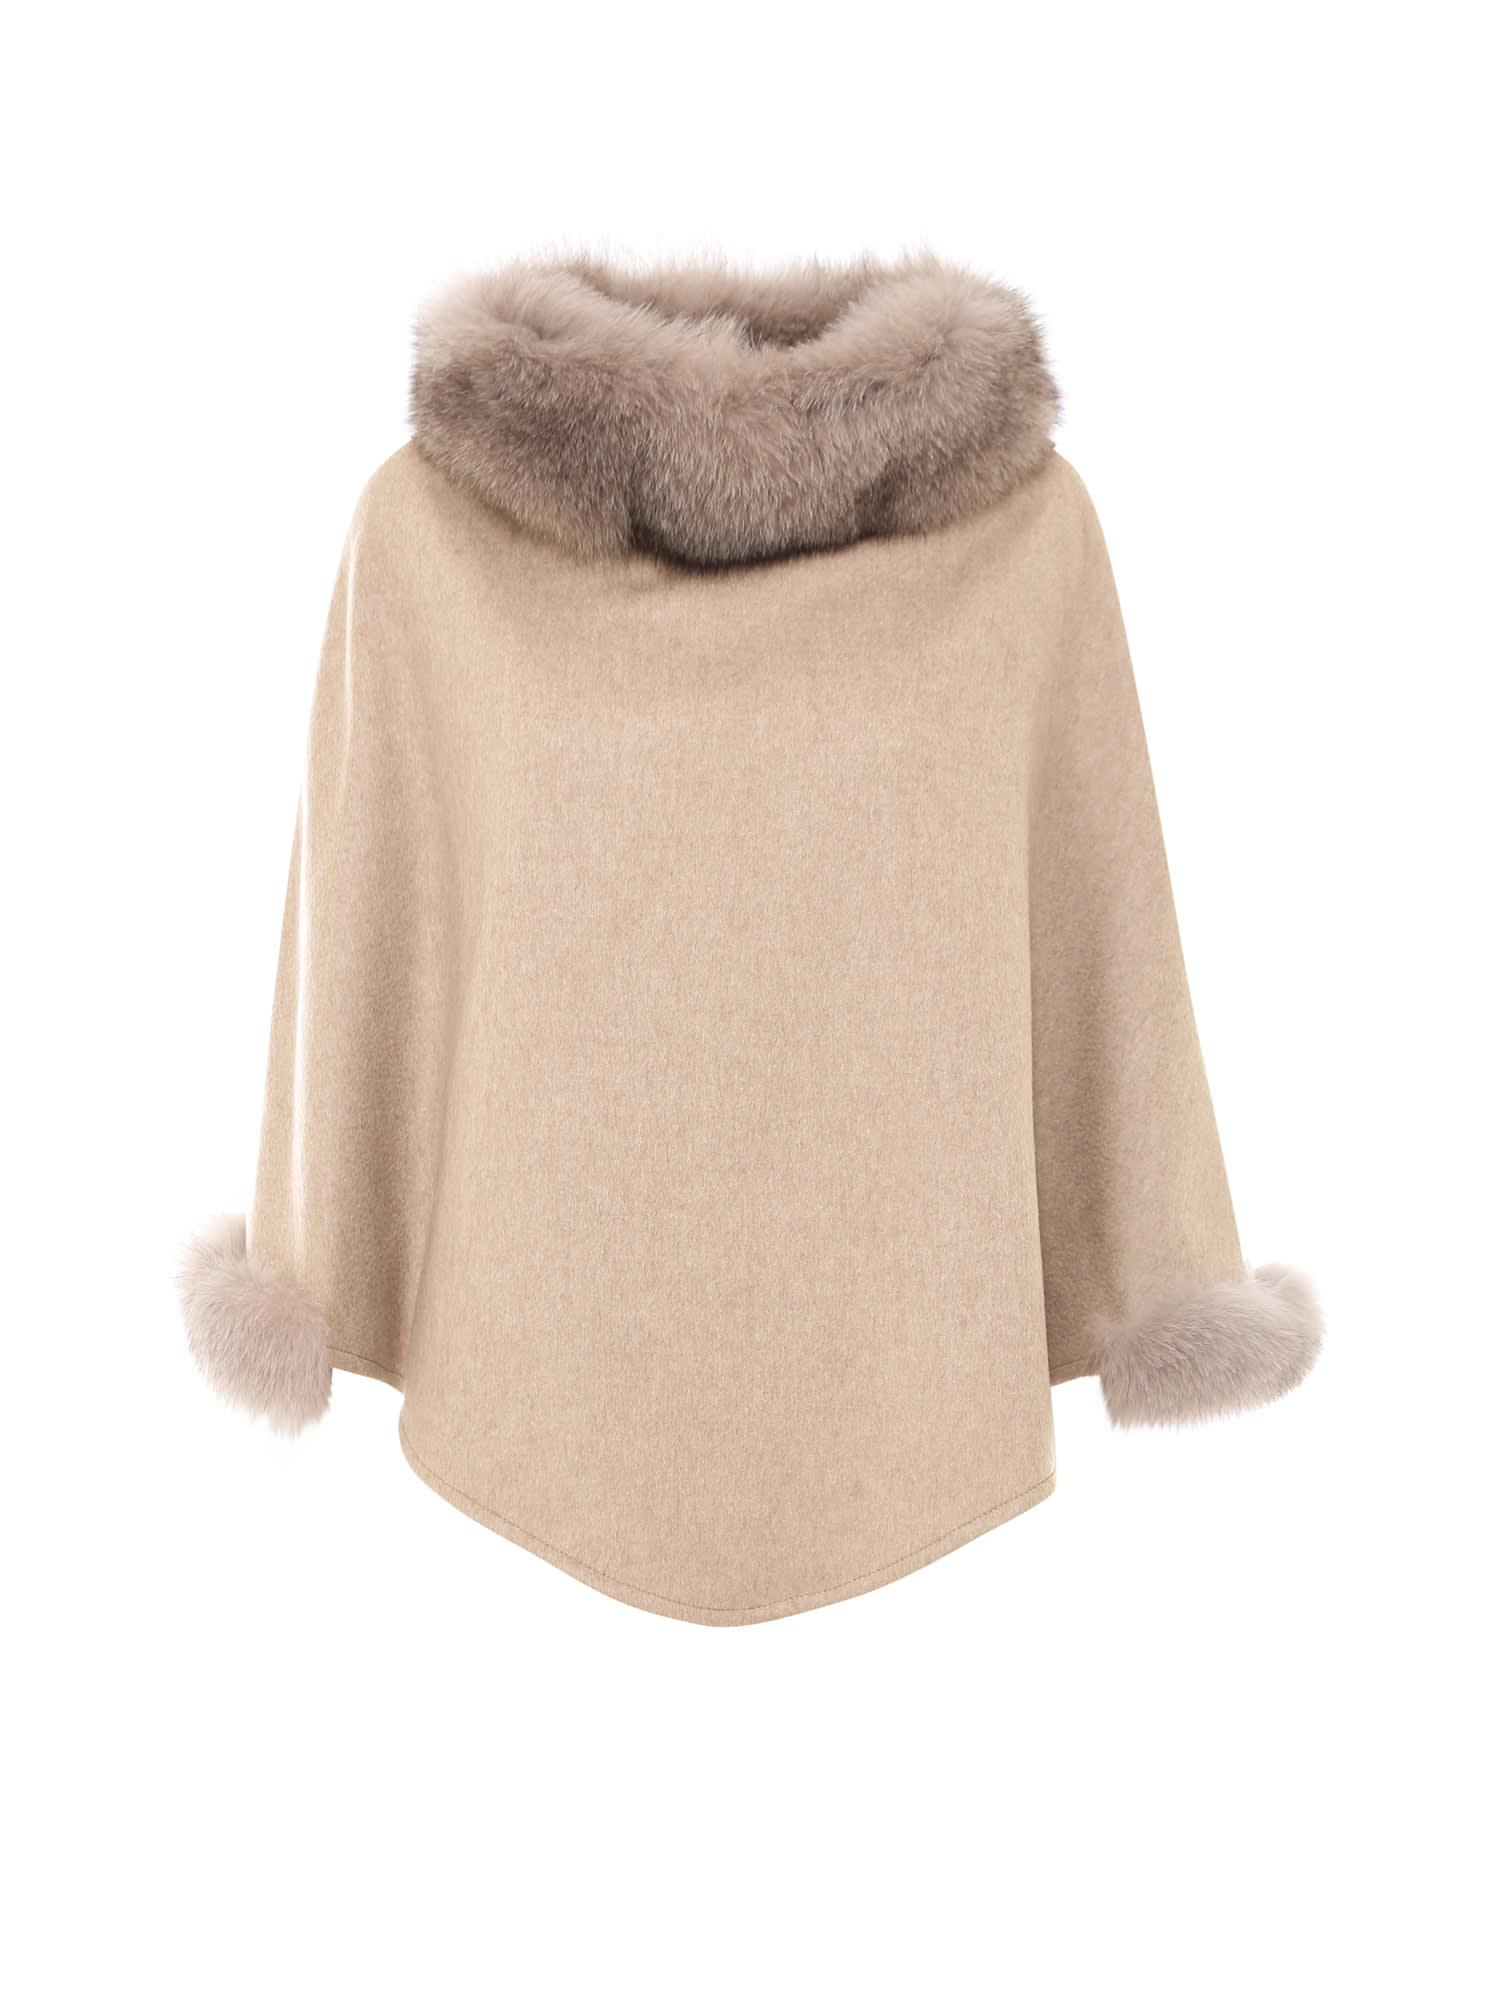 Max Mara Furs CAPE